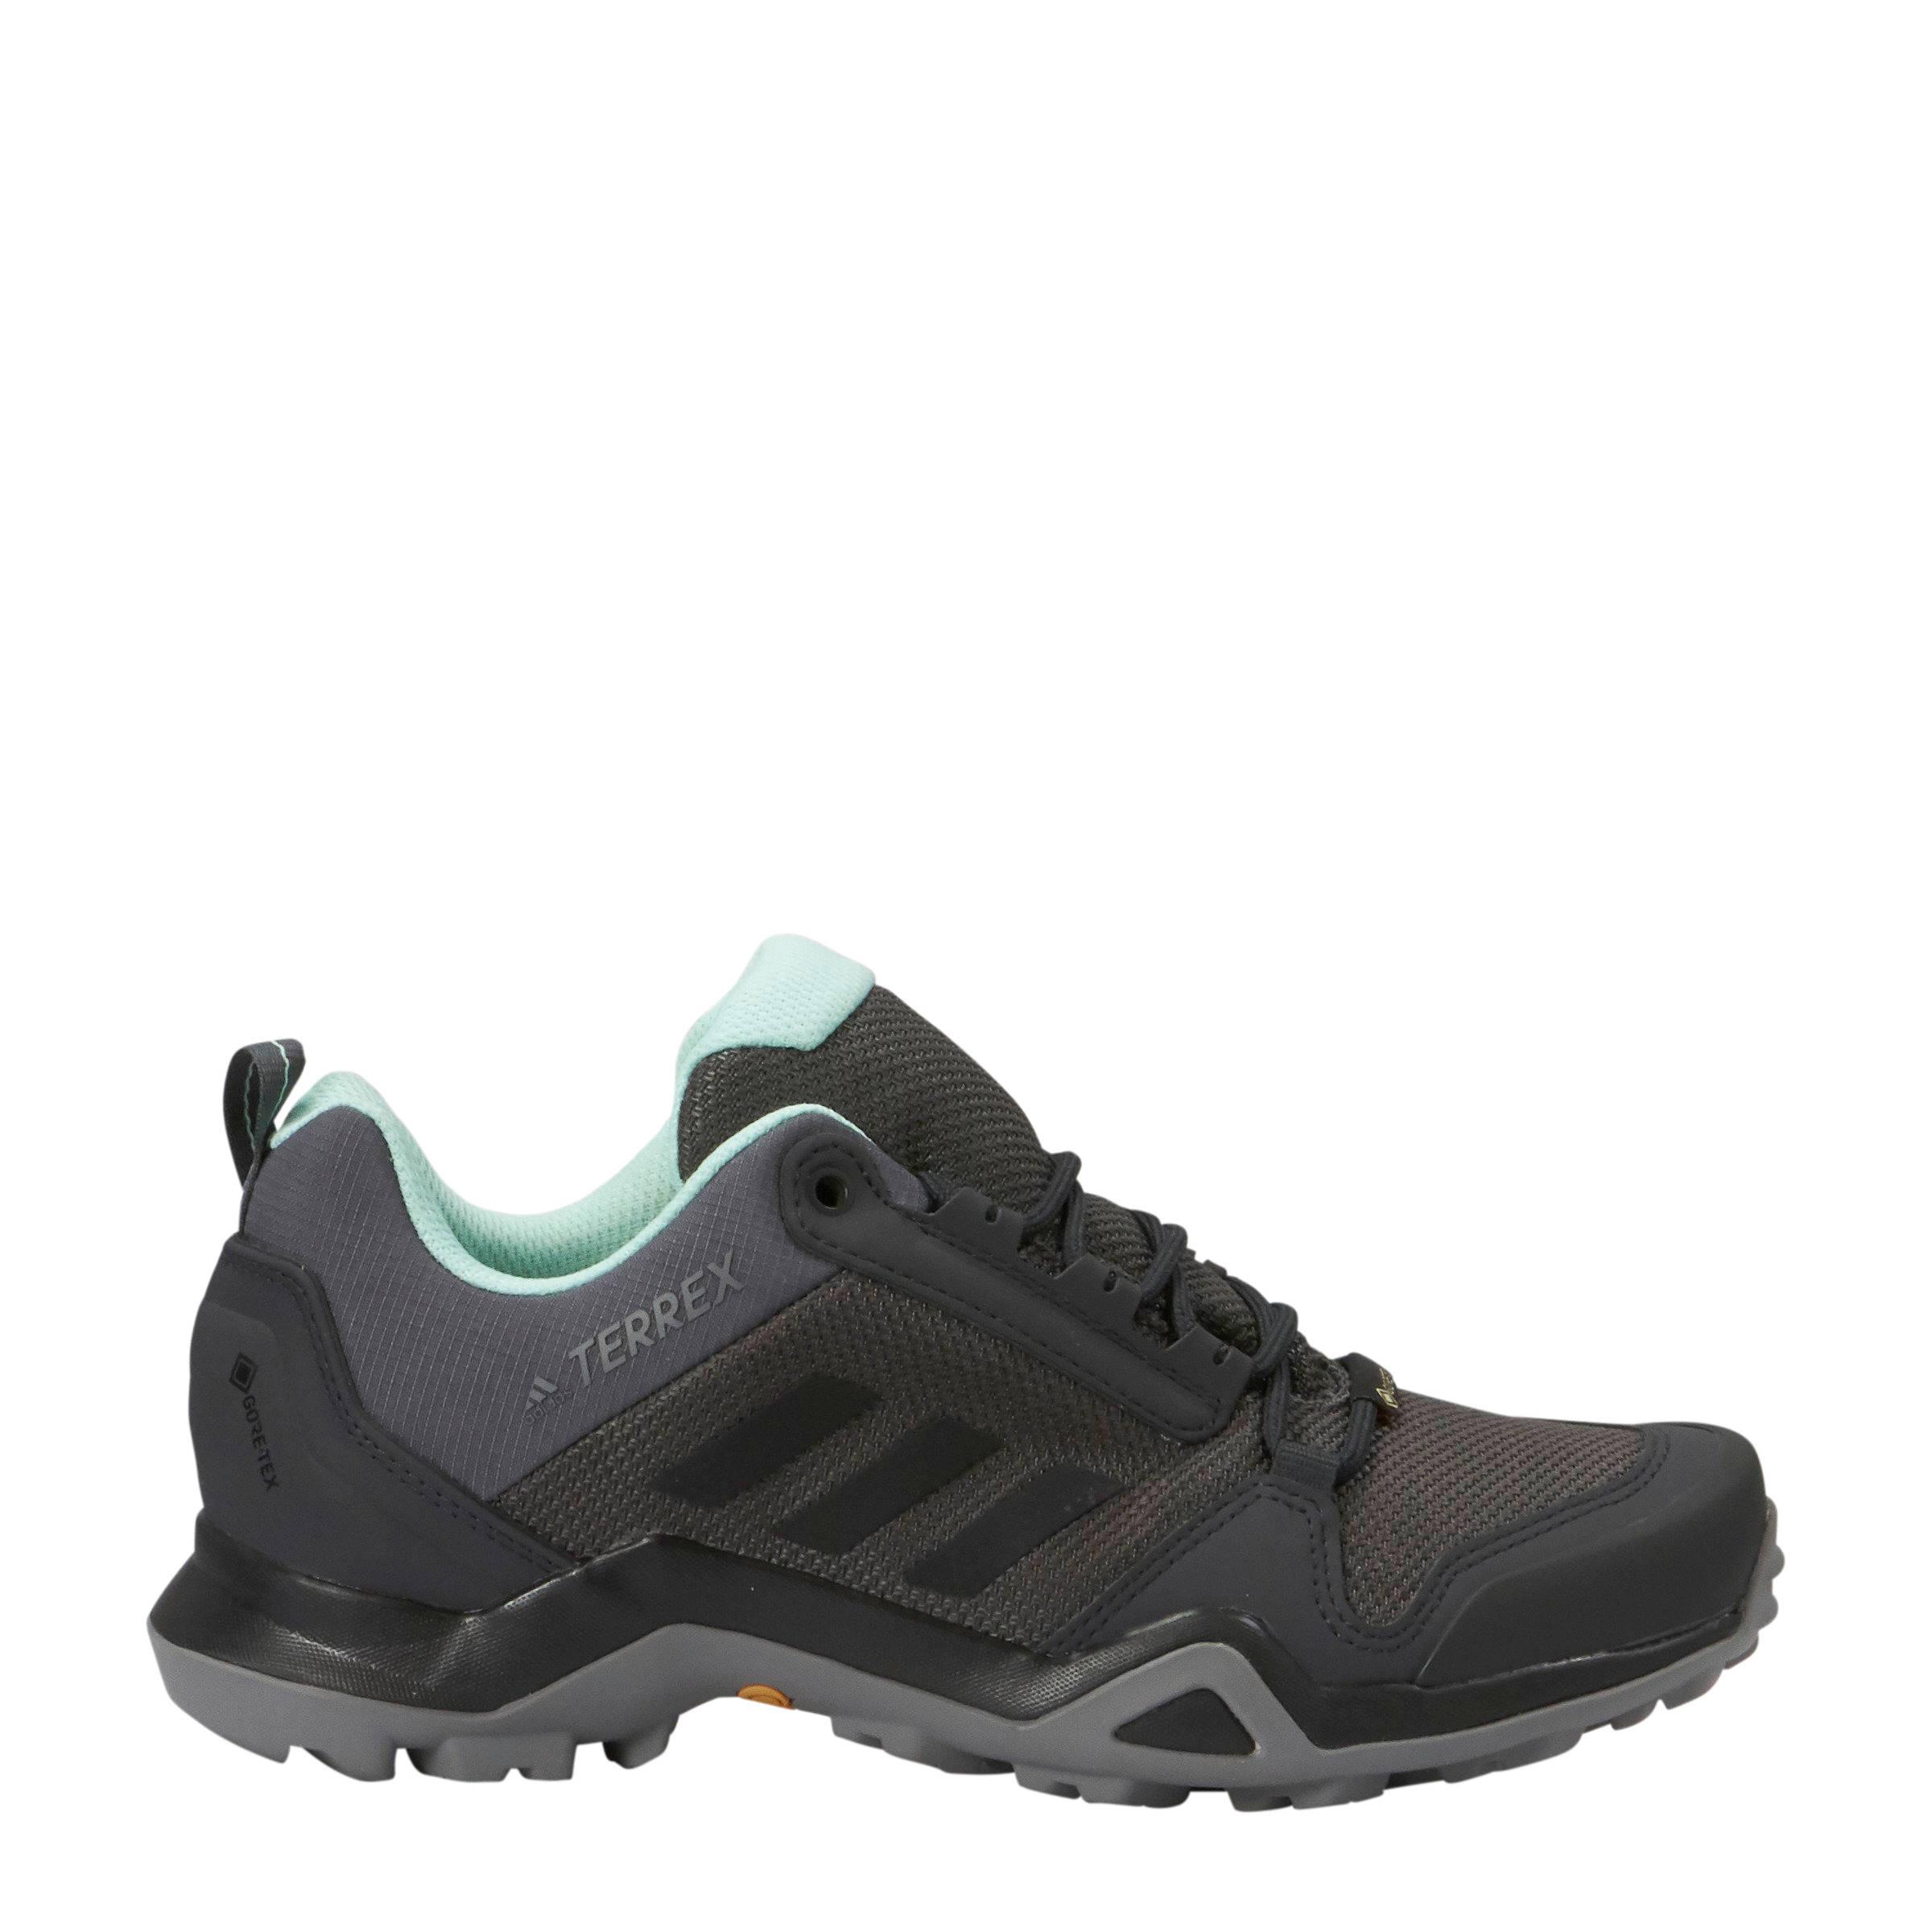 f9cb4c6e444 adidas-performance-terrex-ax3-gtx-outdoor-schoenen-grijs-mintgroen-grijs-4060509554554.jpg